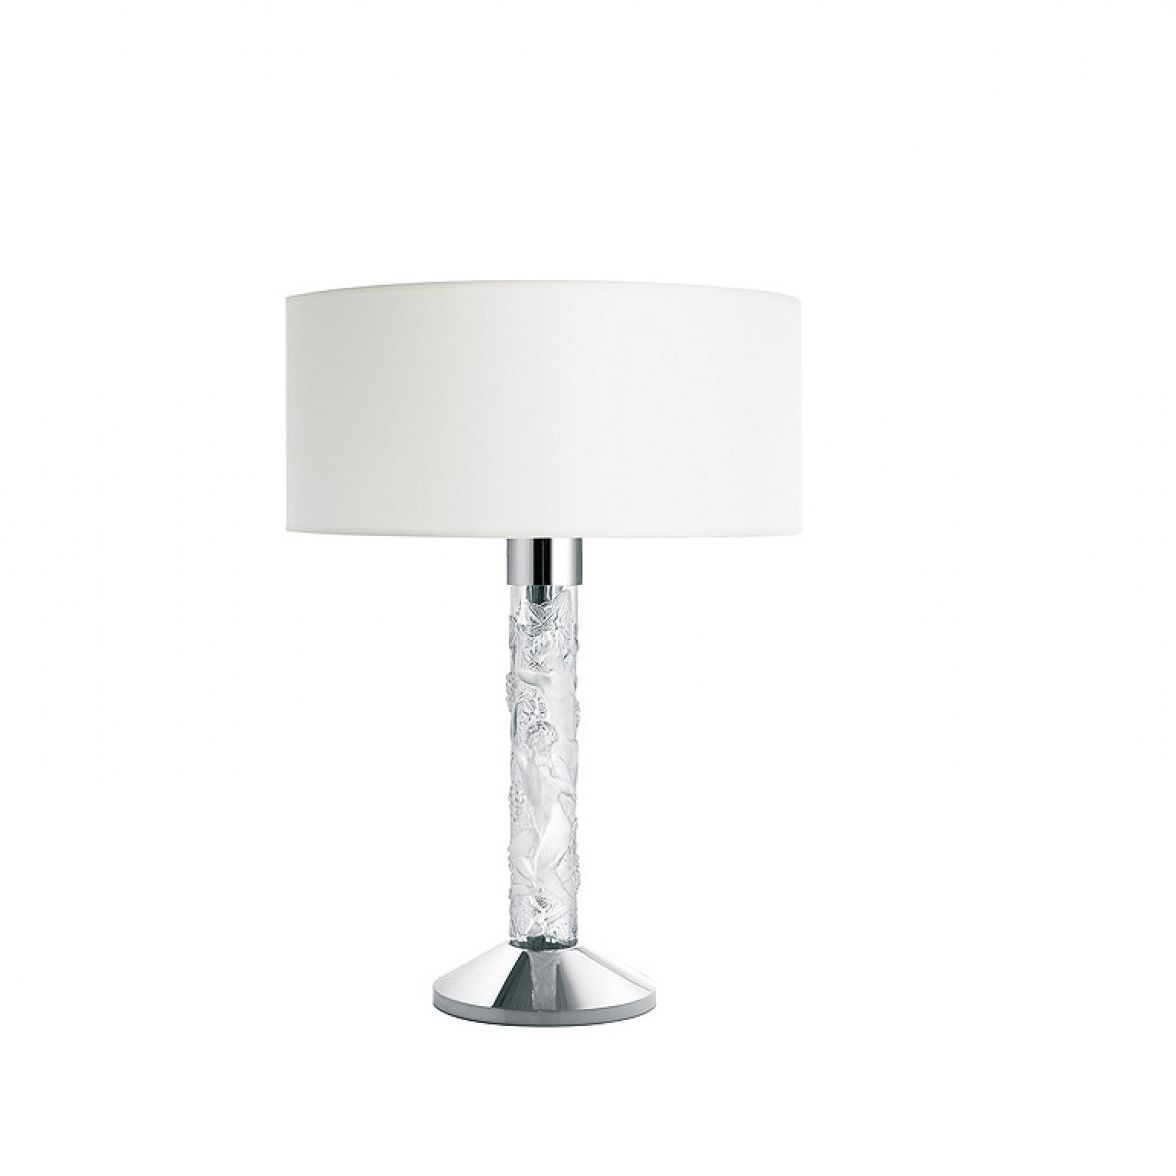 Настольная лампа Faunes фото цена